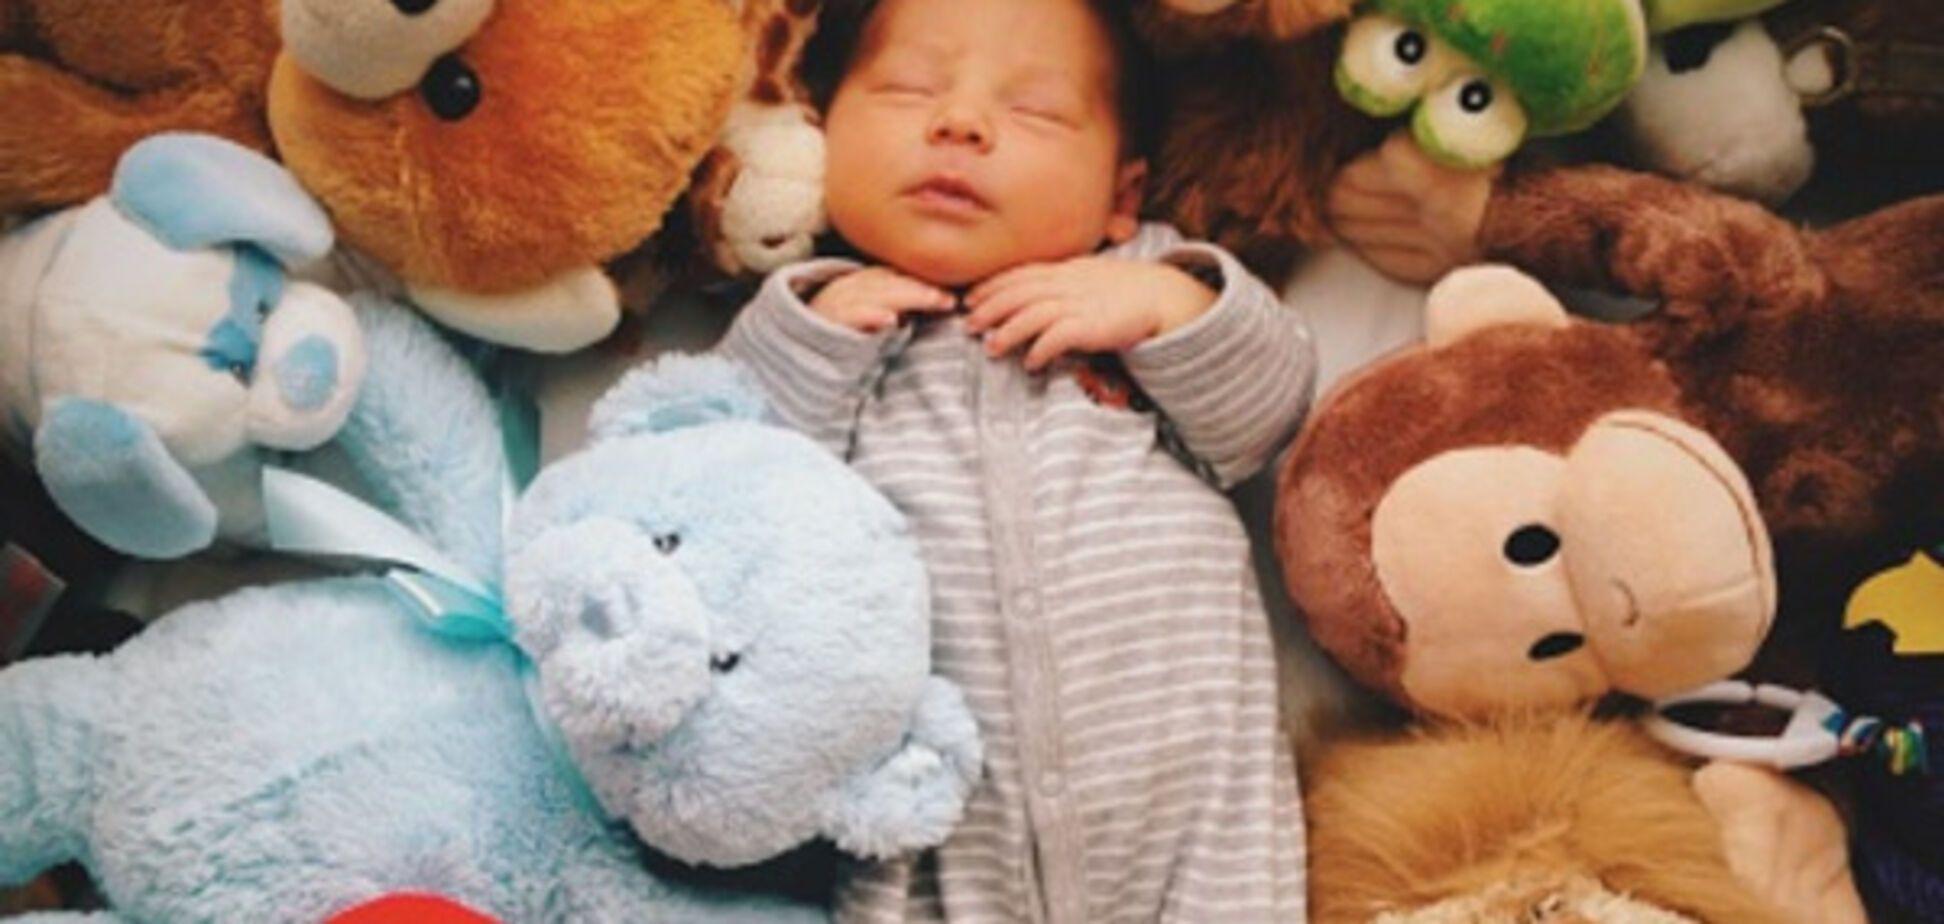 Коли сон підкрався непомітно: соцмережу підкорило відео зі сплячими дітьми